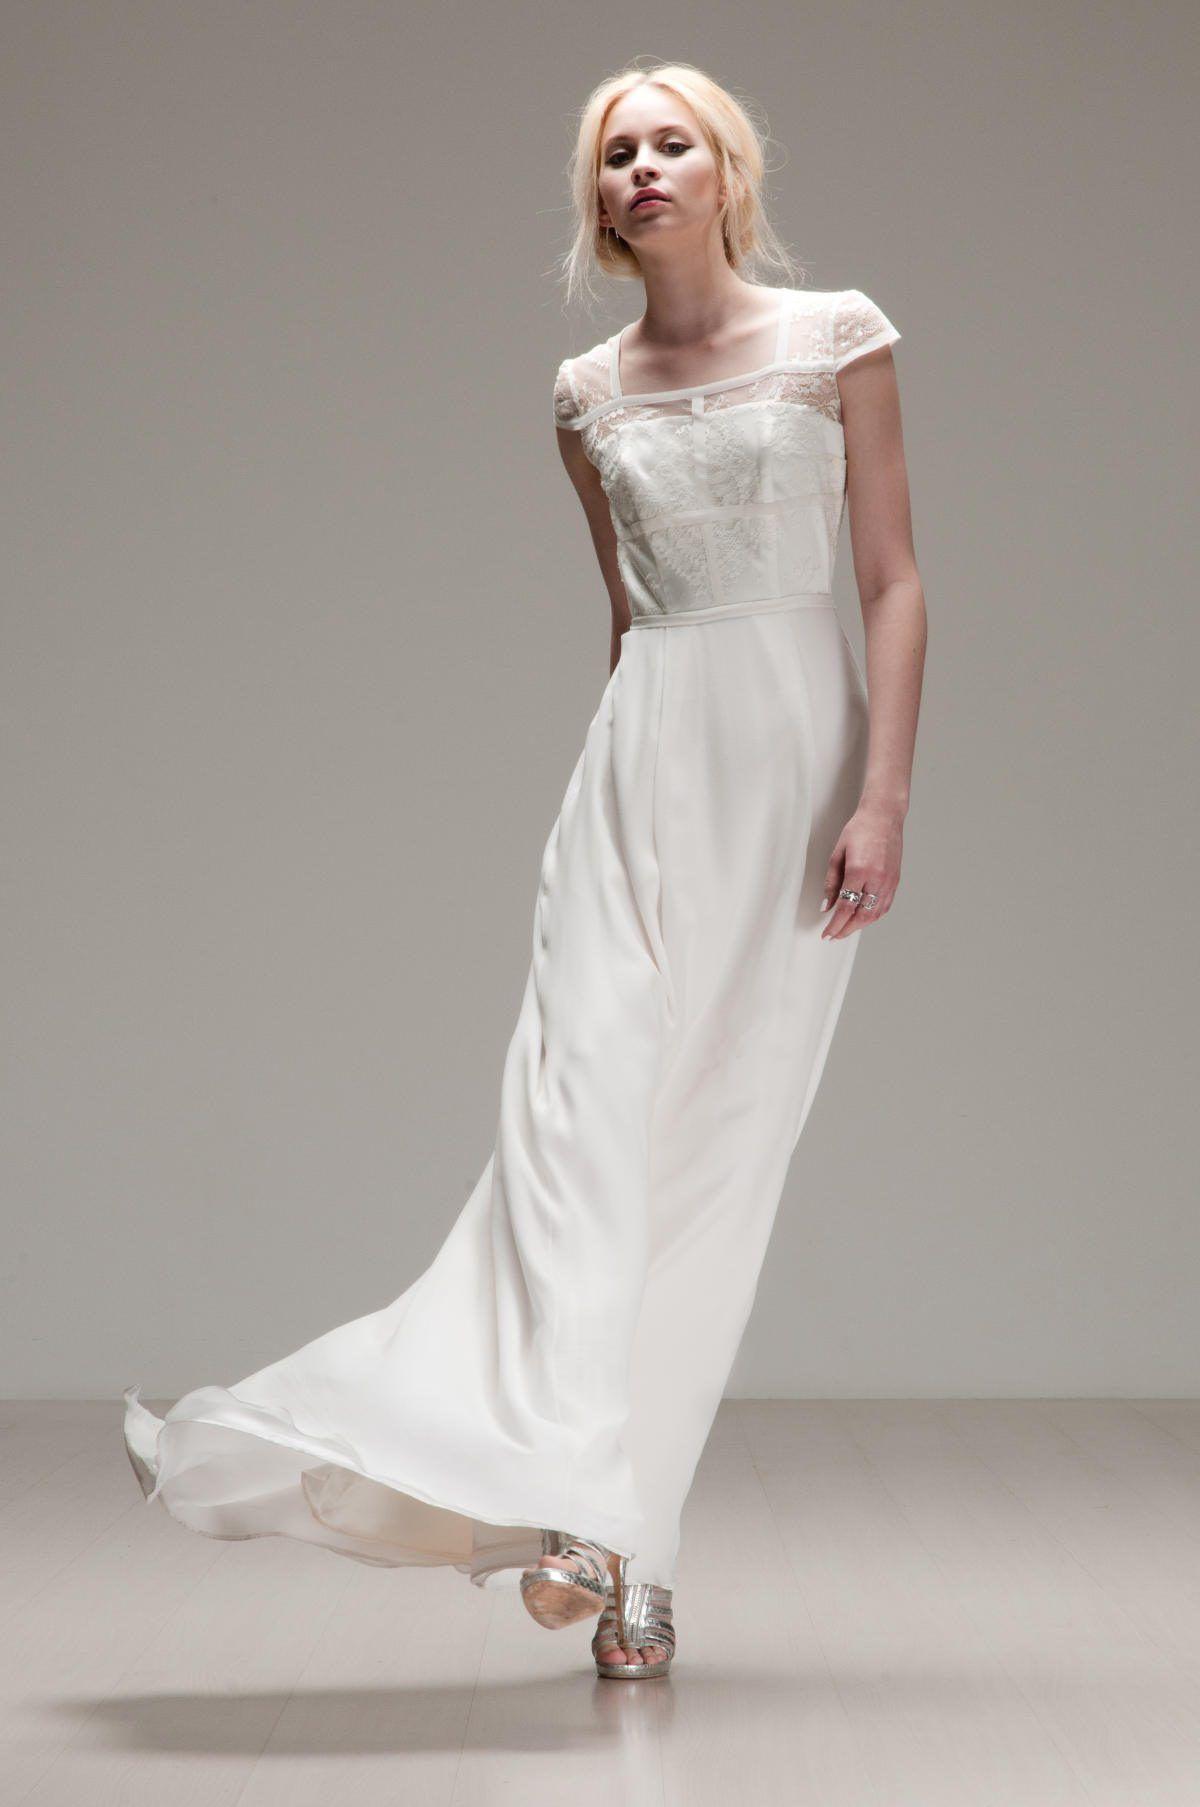 Otaduy - The XX de la colección Wild Love   Wedding Dress   Pinterest